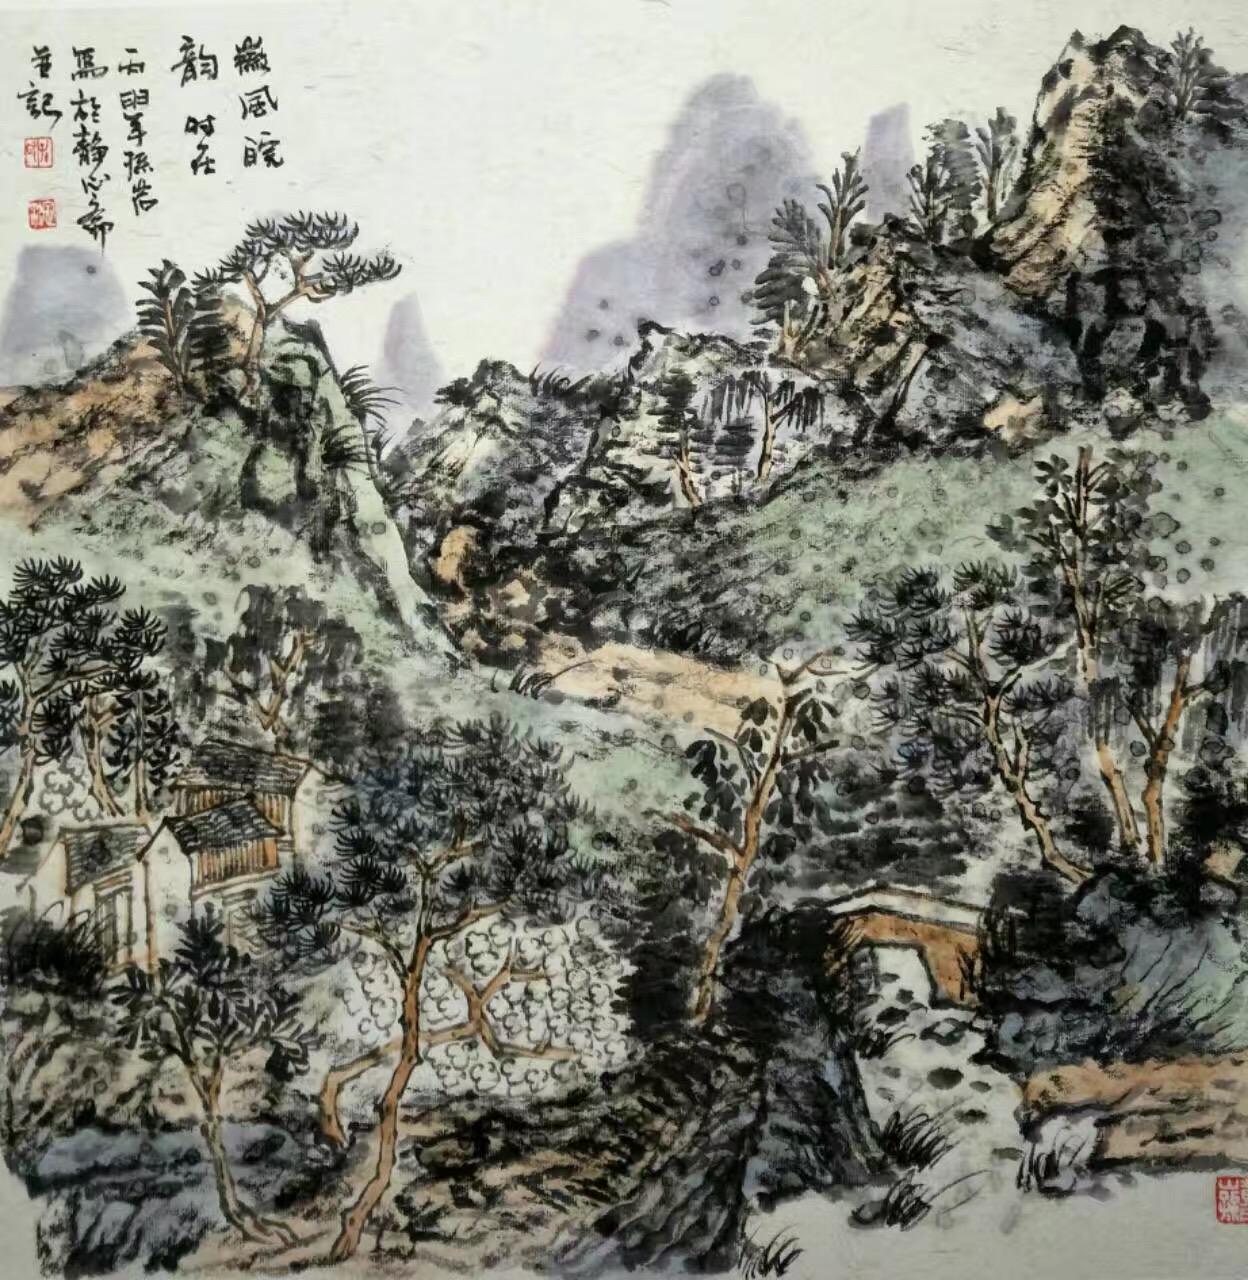 孙岩 SunYan - 山水 ShanShui landscape painting